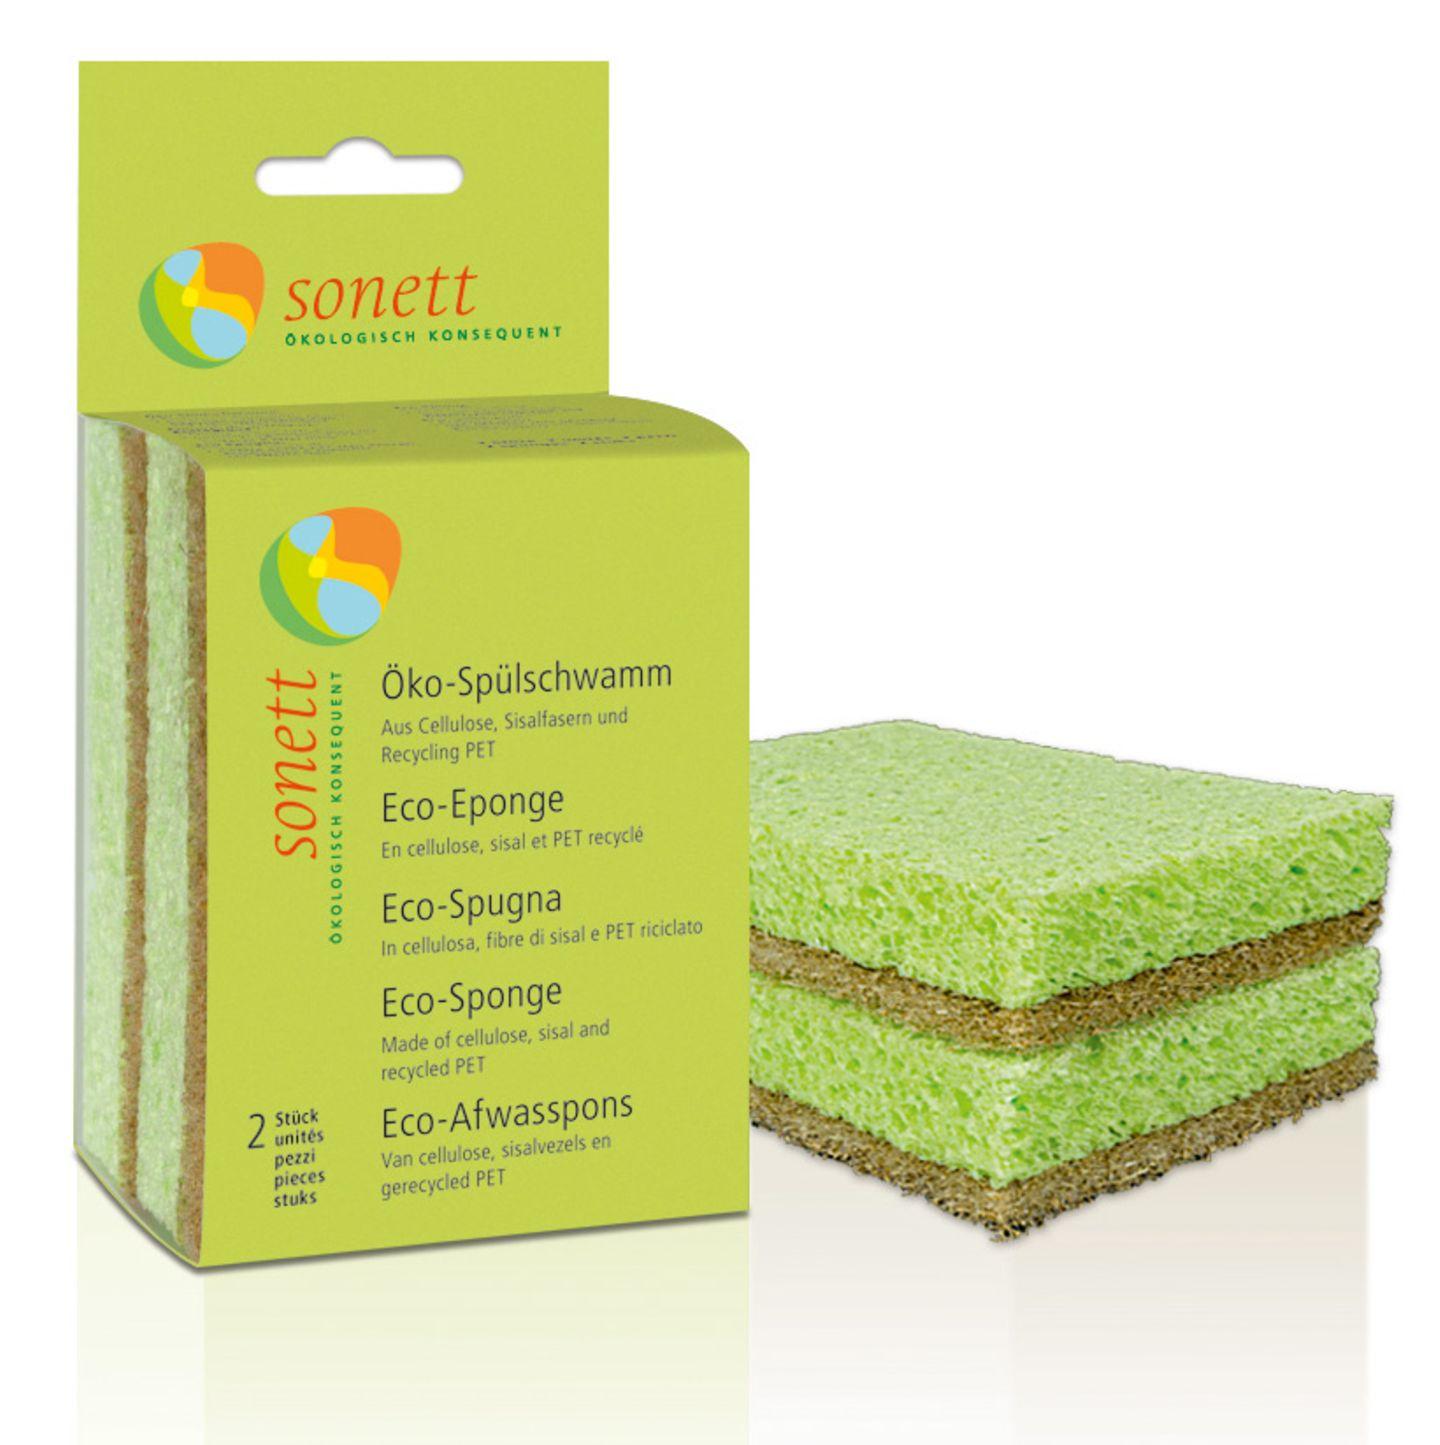 Öko-Spülschwamm, grüner Schwamm, Sonett GmbH, aus Zellulose